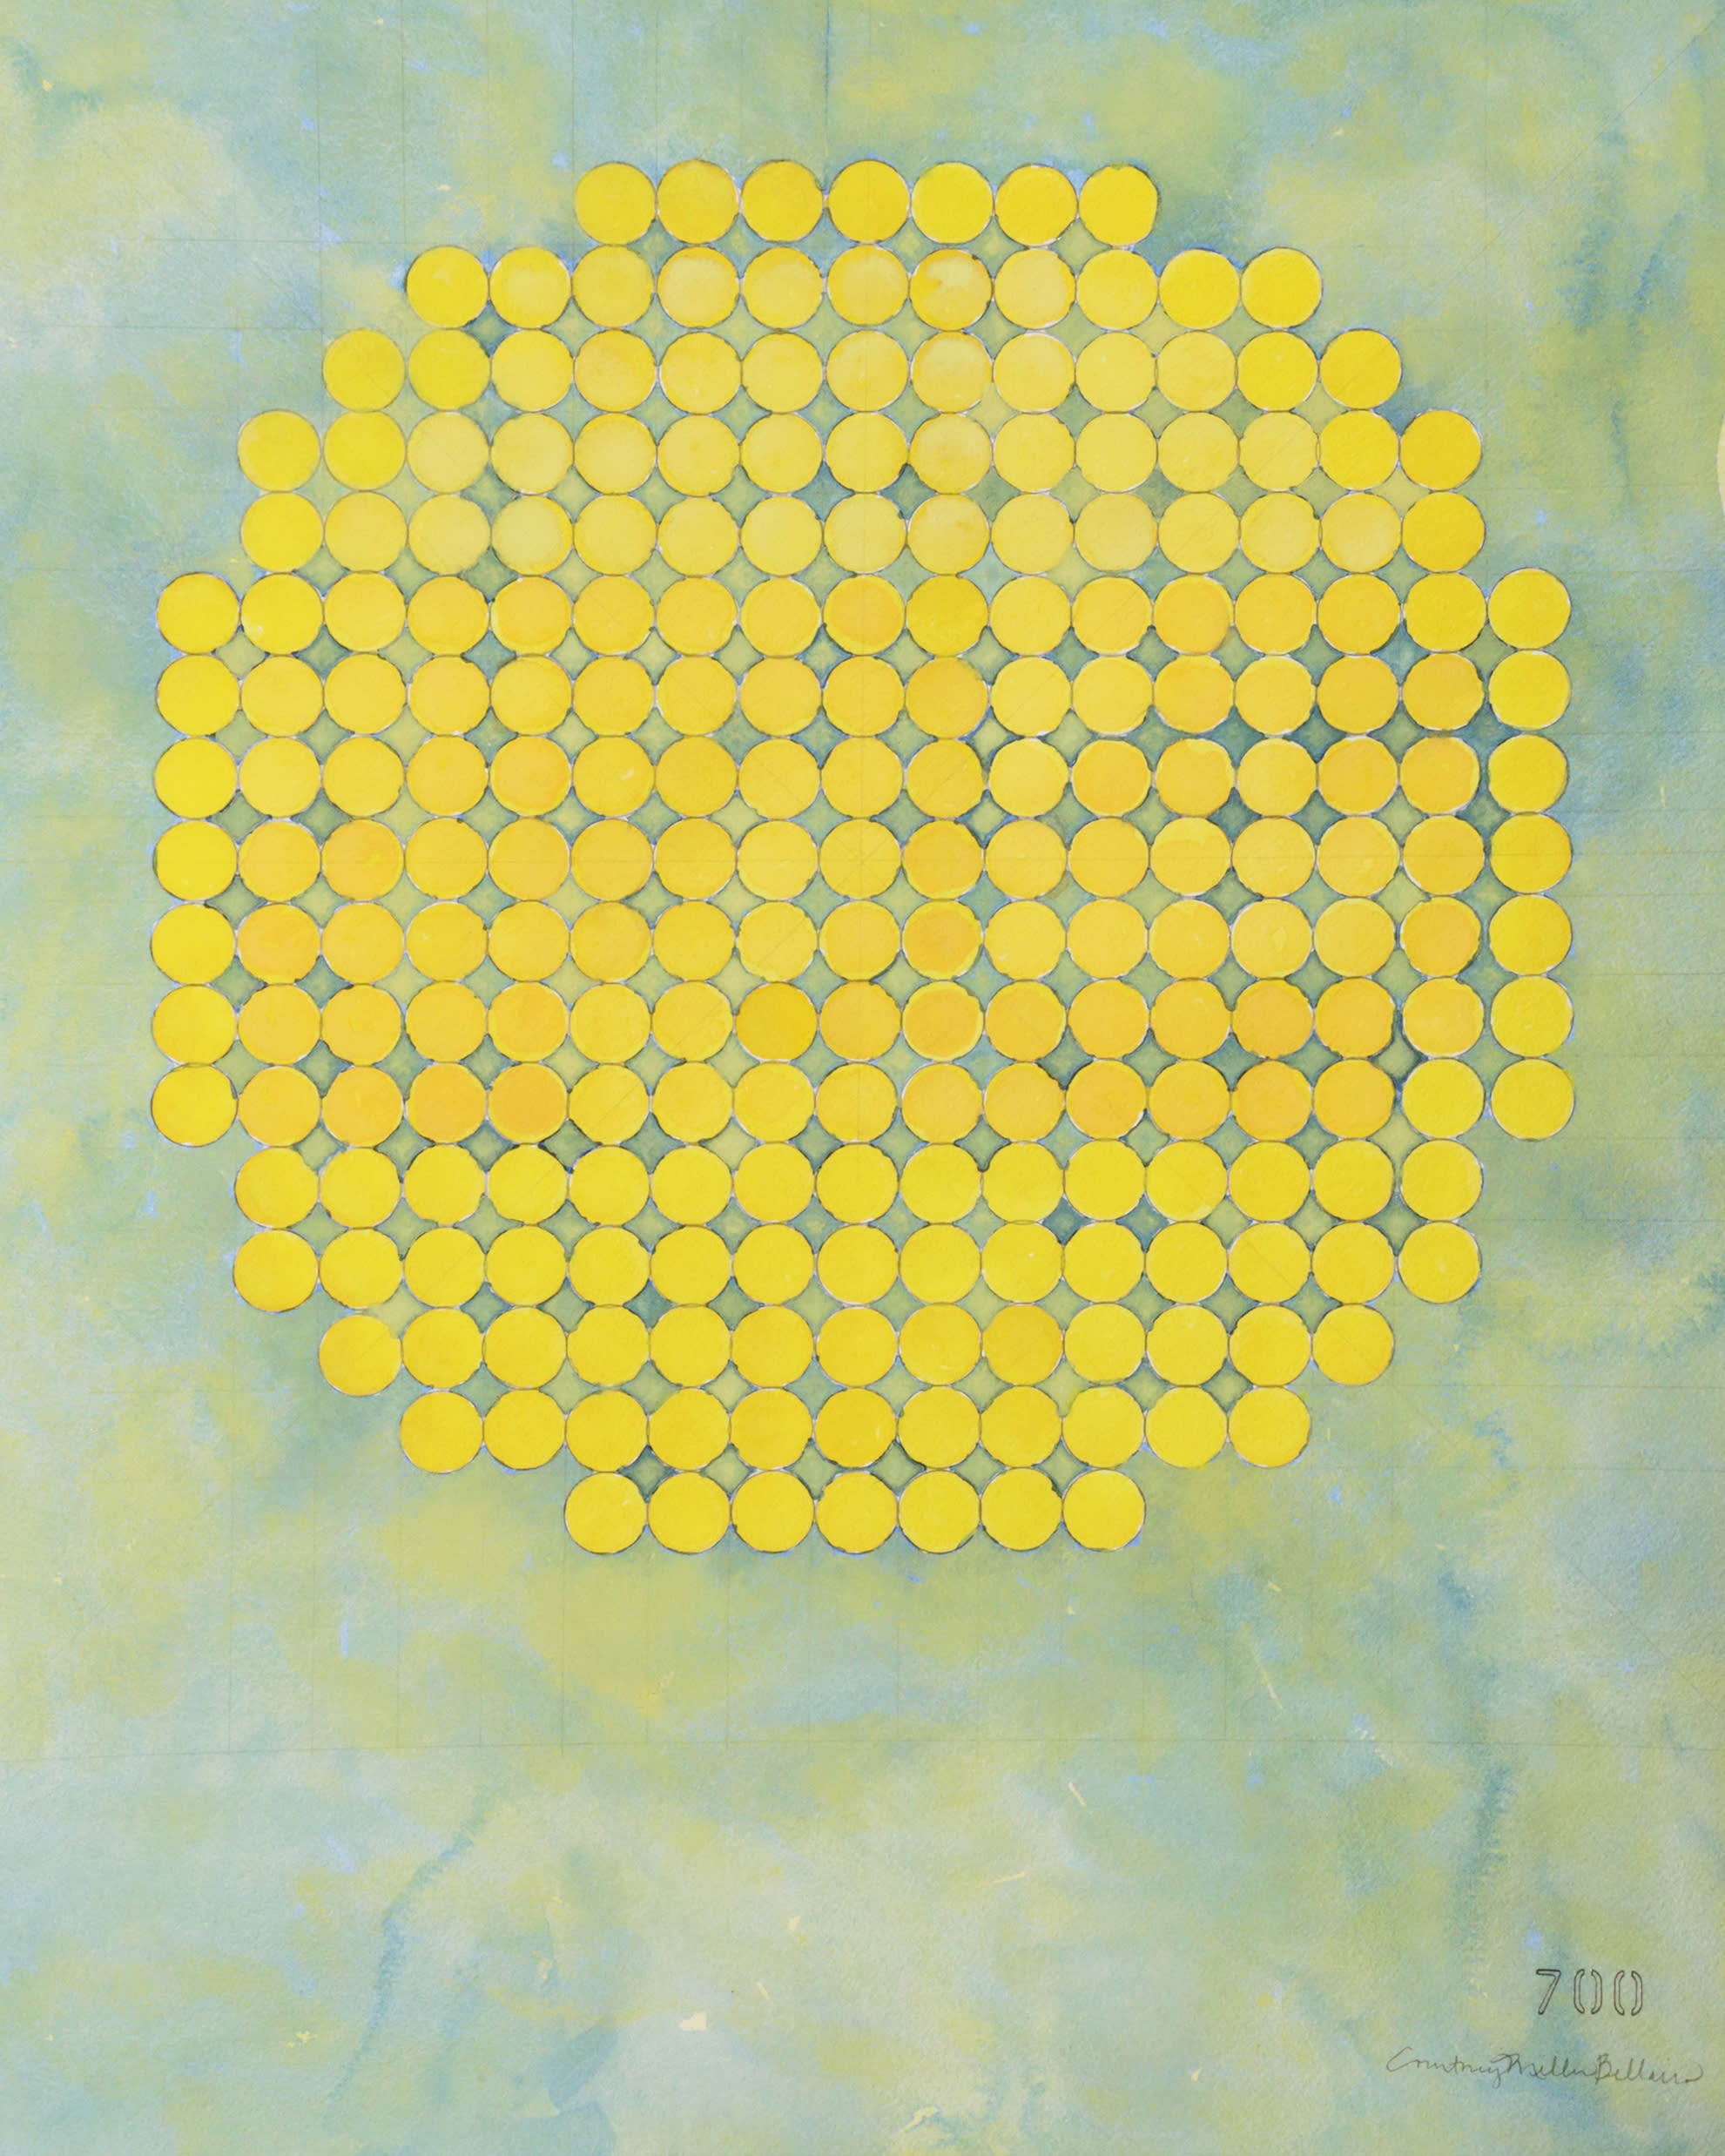 700 yellowonlime2 dkuaou